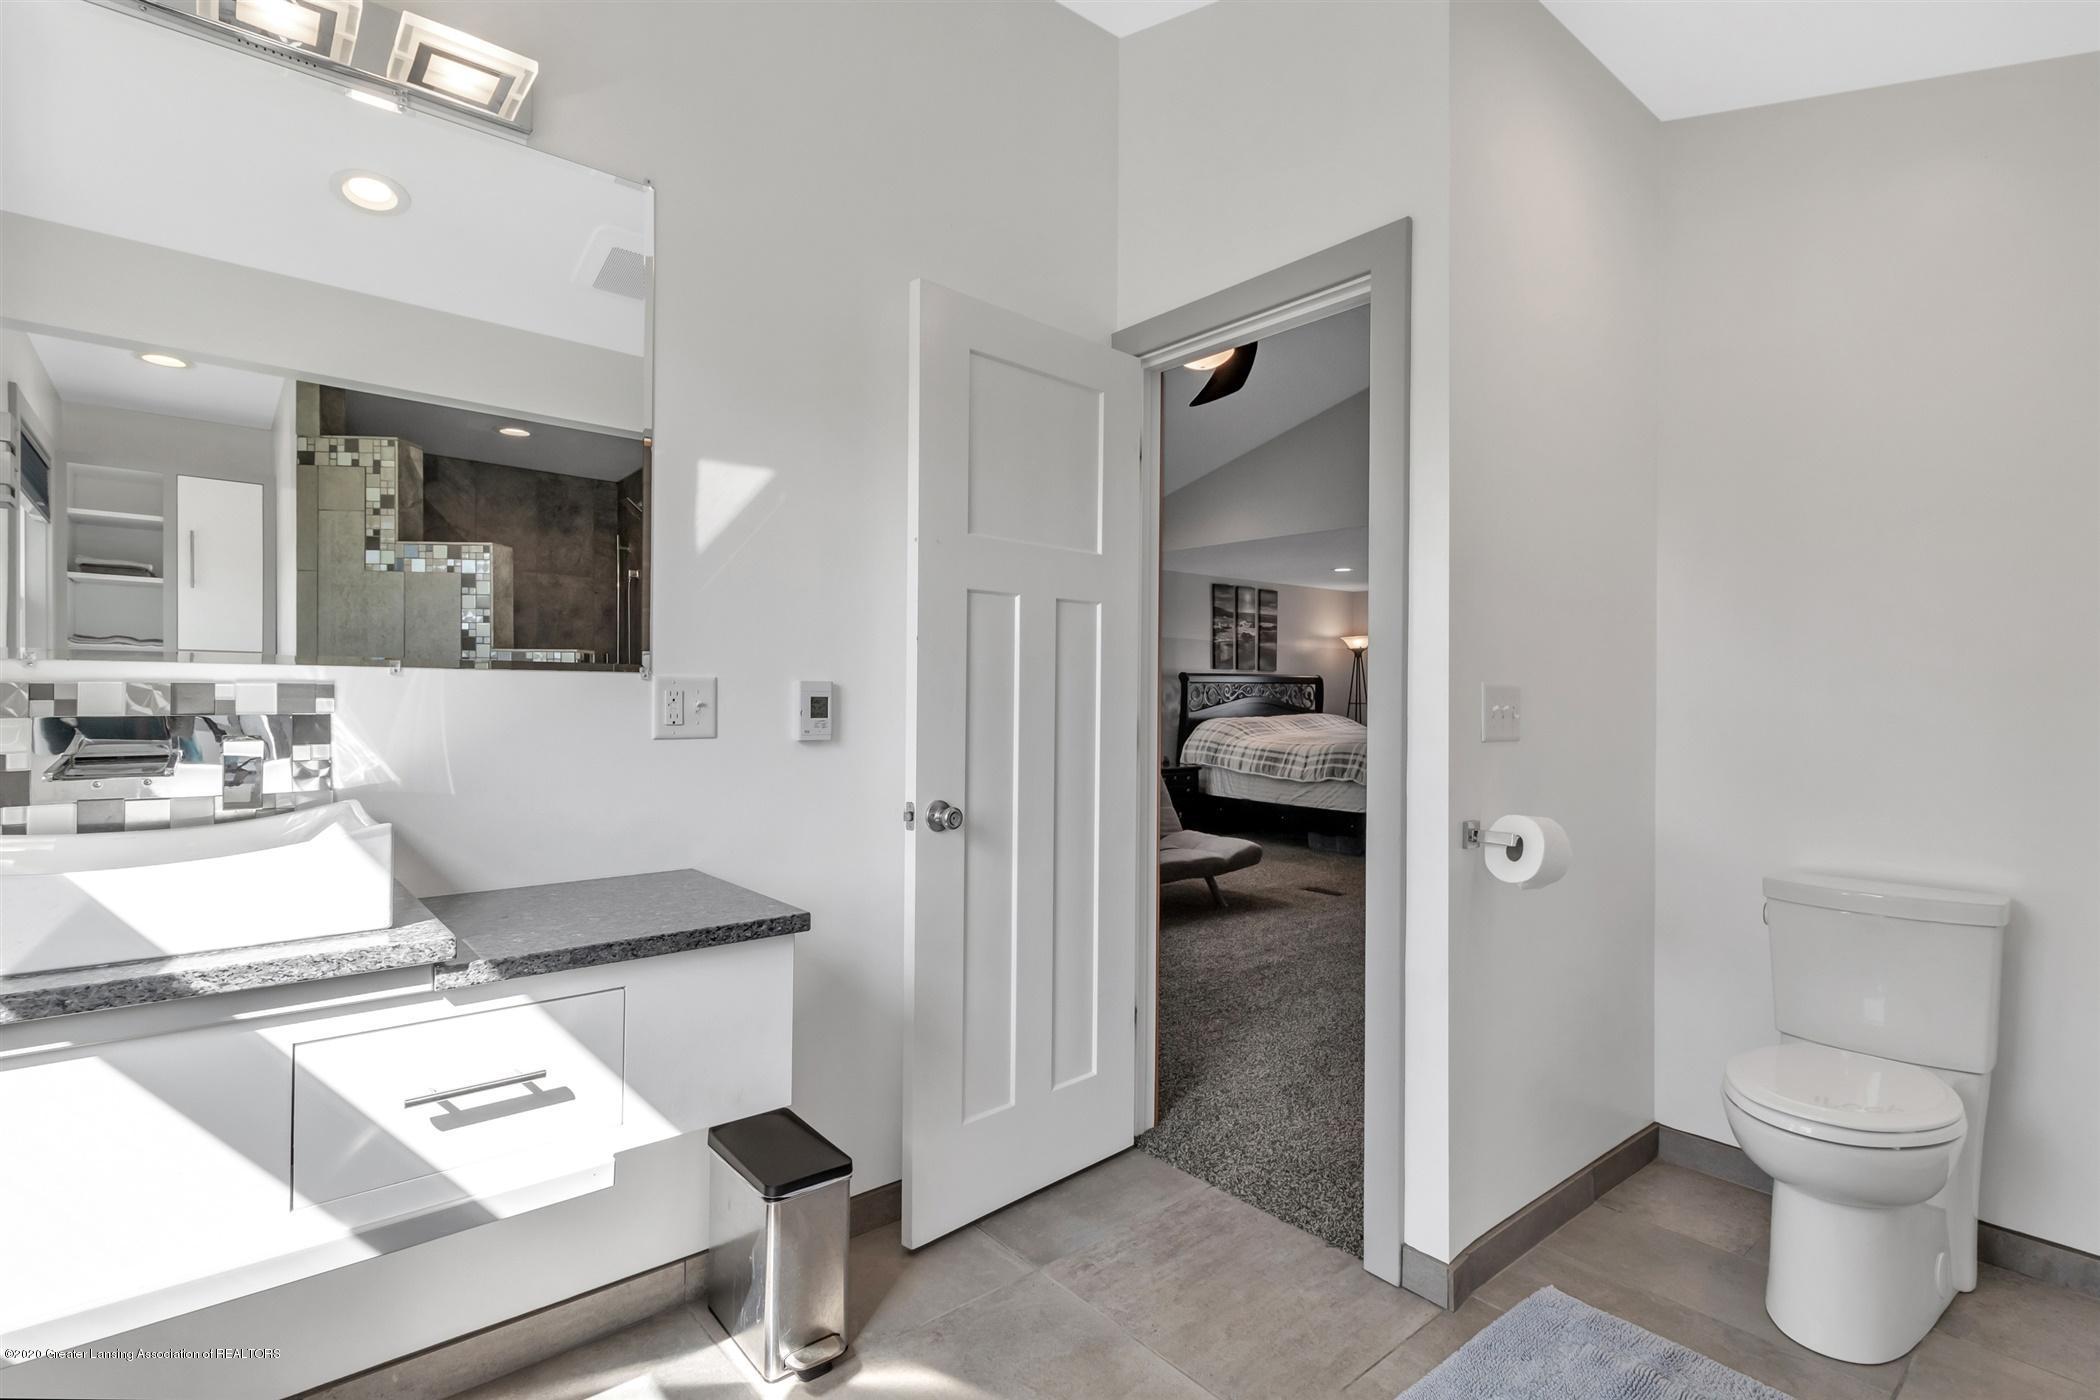 7346 W Cutler Rd - CUSTOM BUILT VANITY GUEST BATHROOM - 39